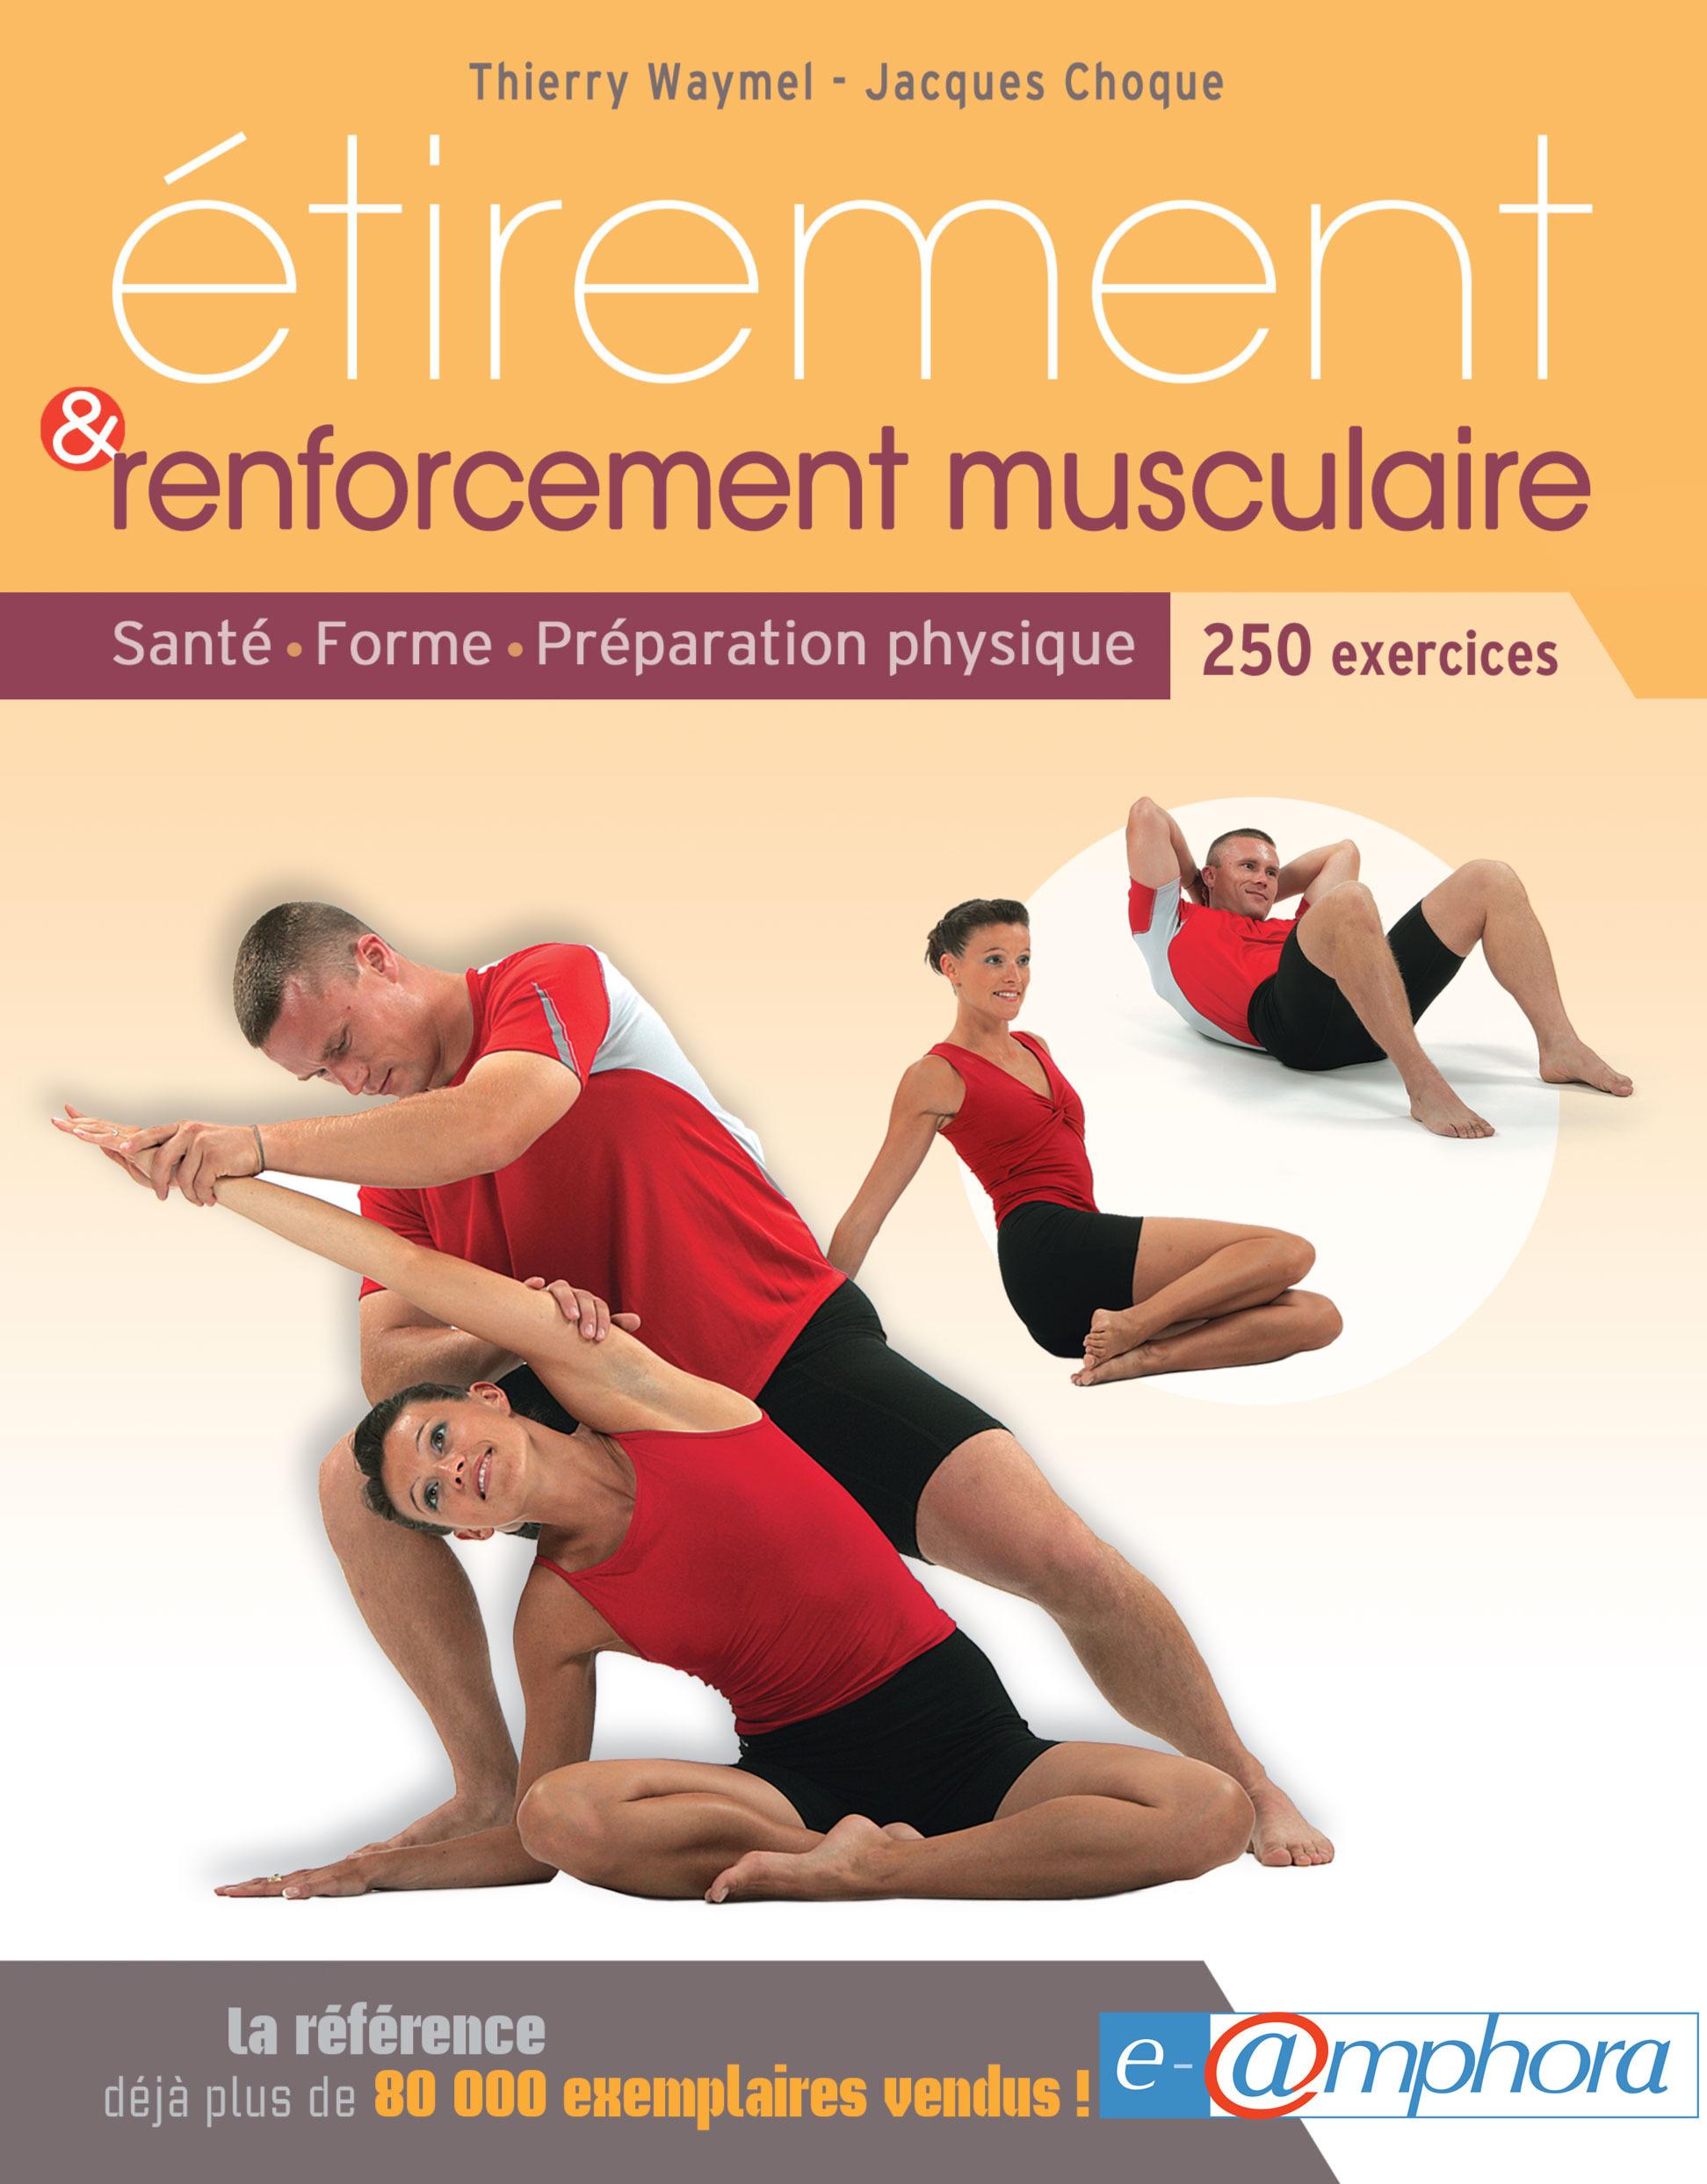 étirement et renforcement musculaire ; santé, forme, préparation physique ; 250 exercices